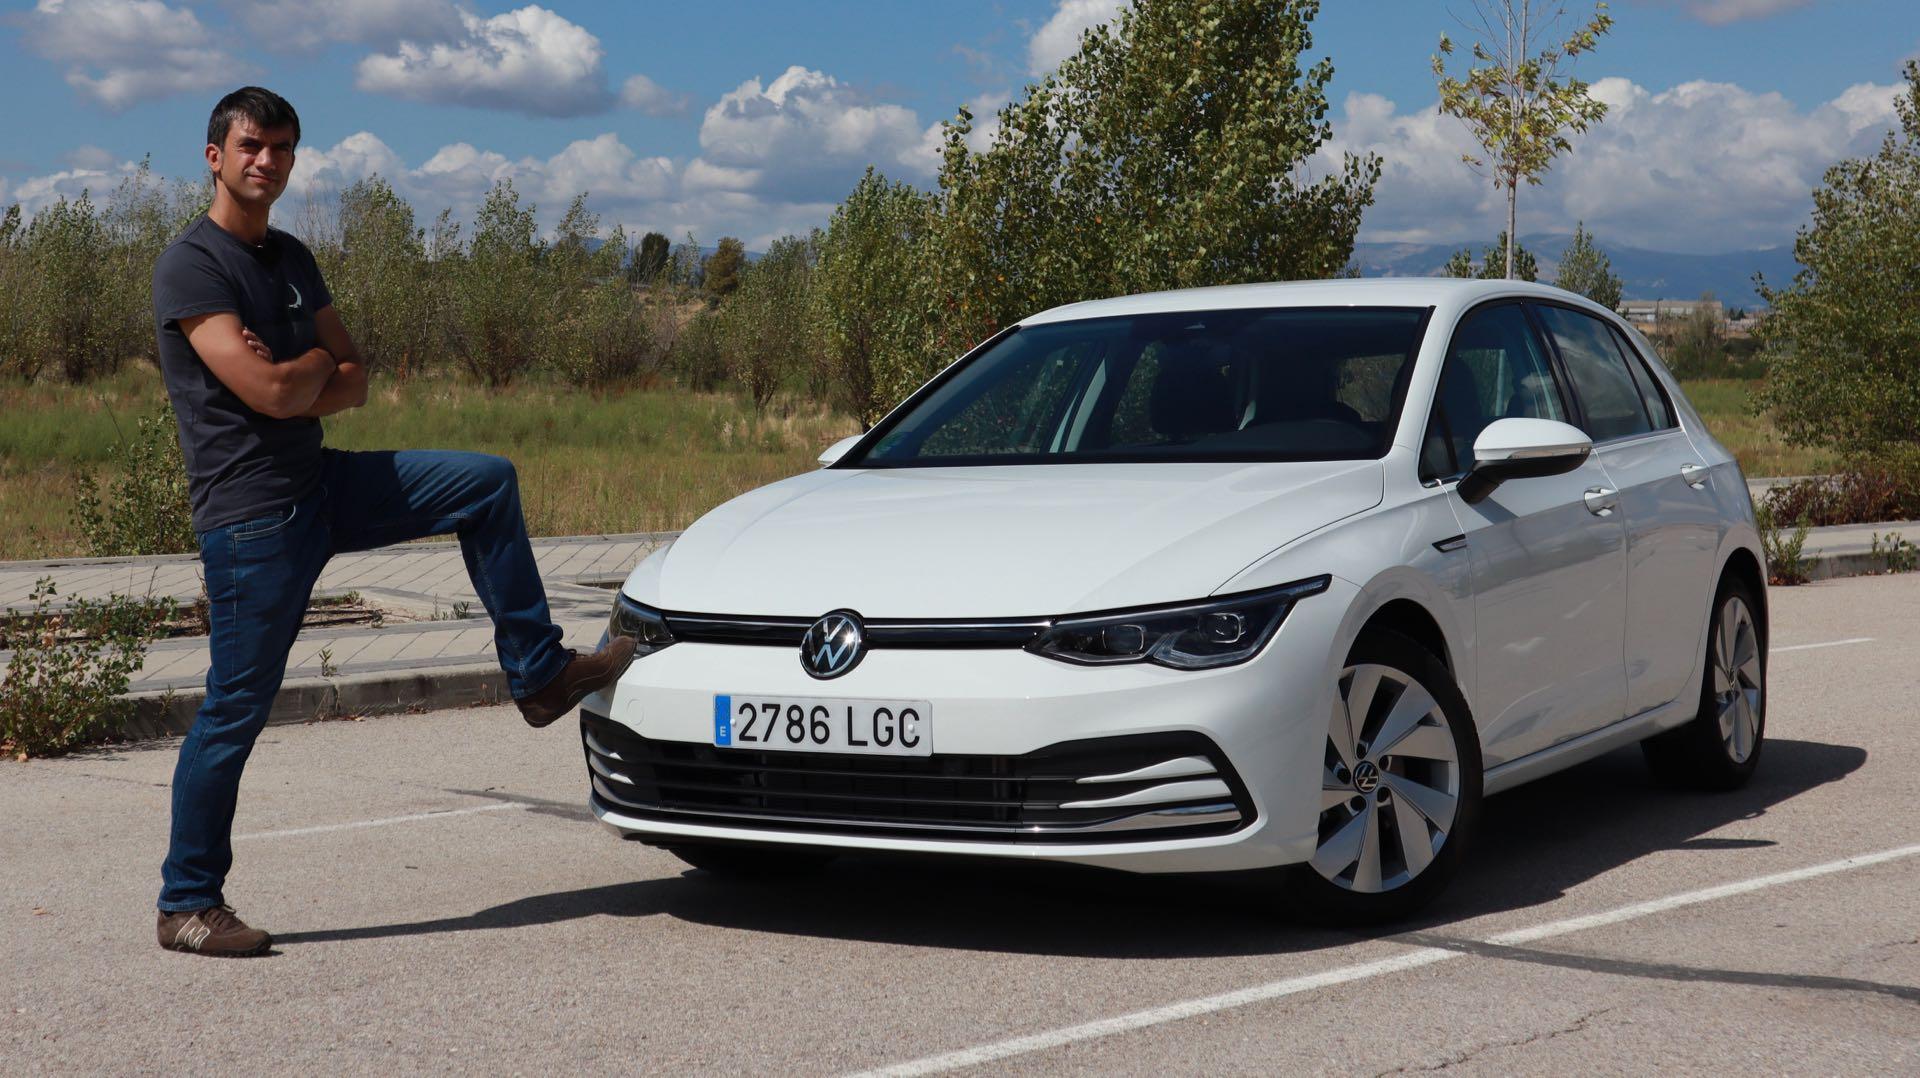 Volkswagen Golf videoprueba – 1